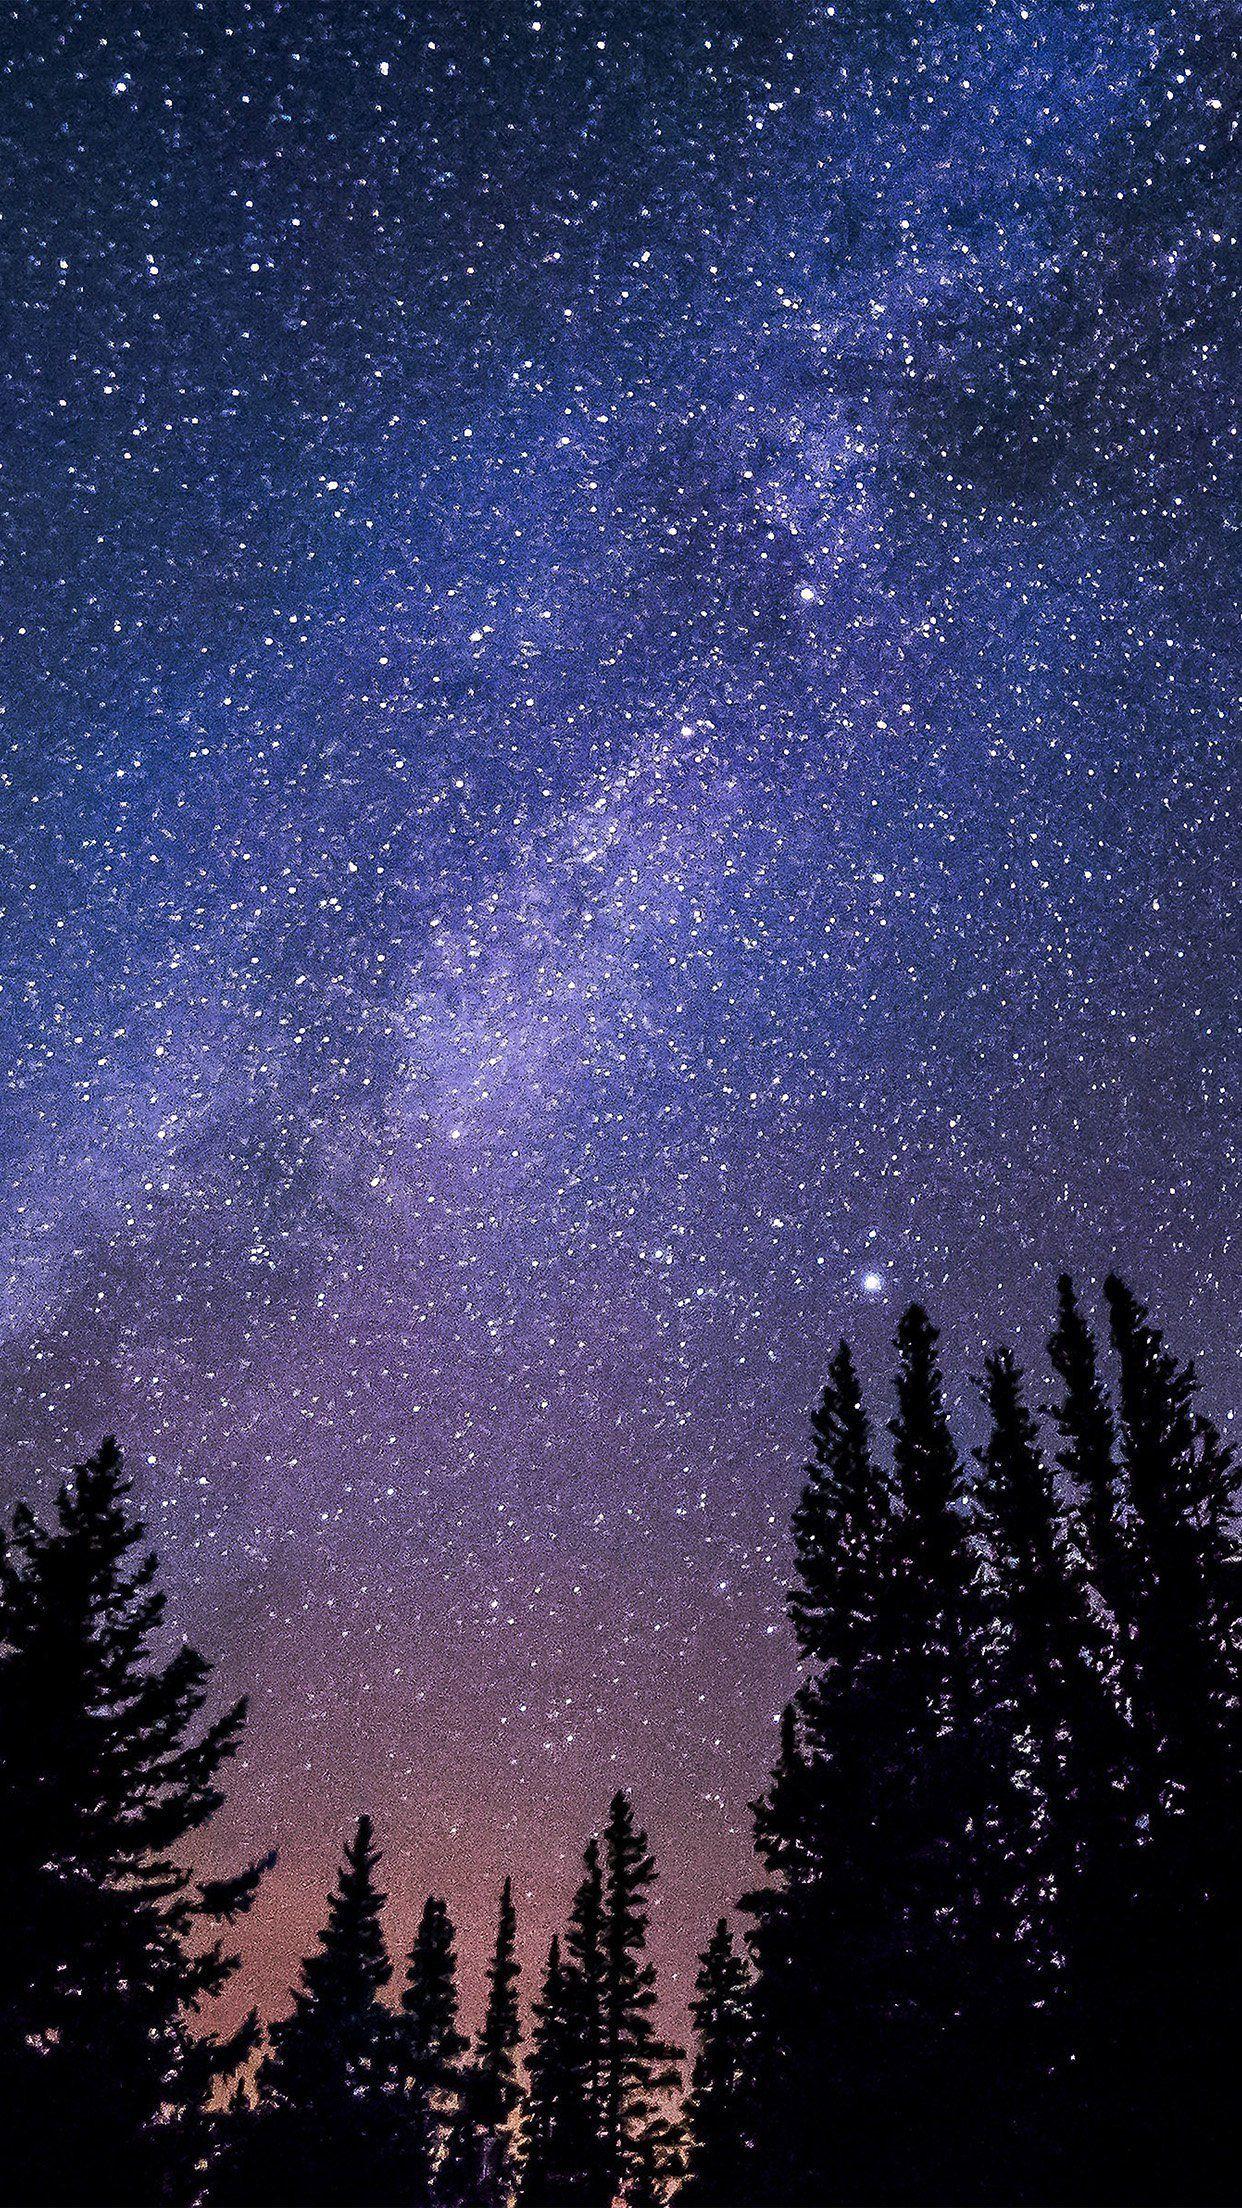 Night Sky Wallpapers Top Free Night Sky Backgrounds Wallpaperaccess Iphone Wallpaper Sky Night Sky Painting Night Sky Wallpaper